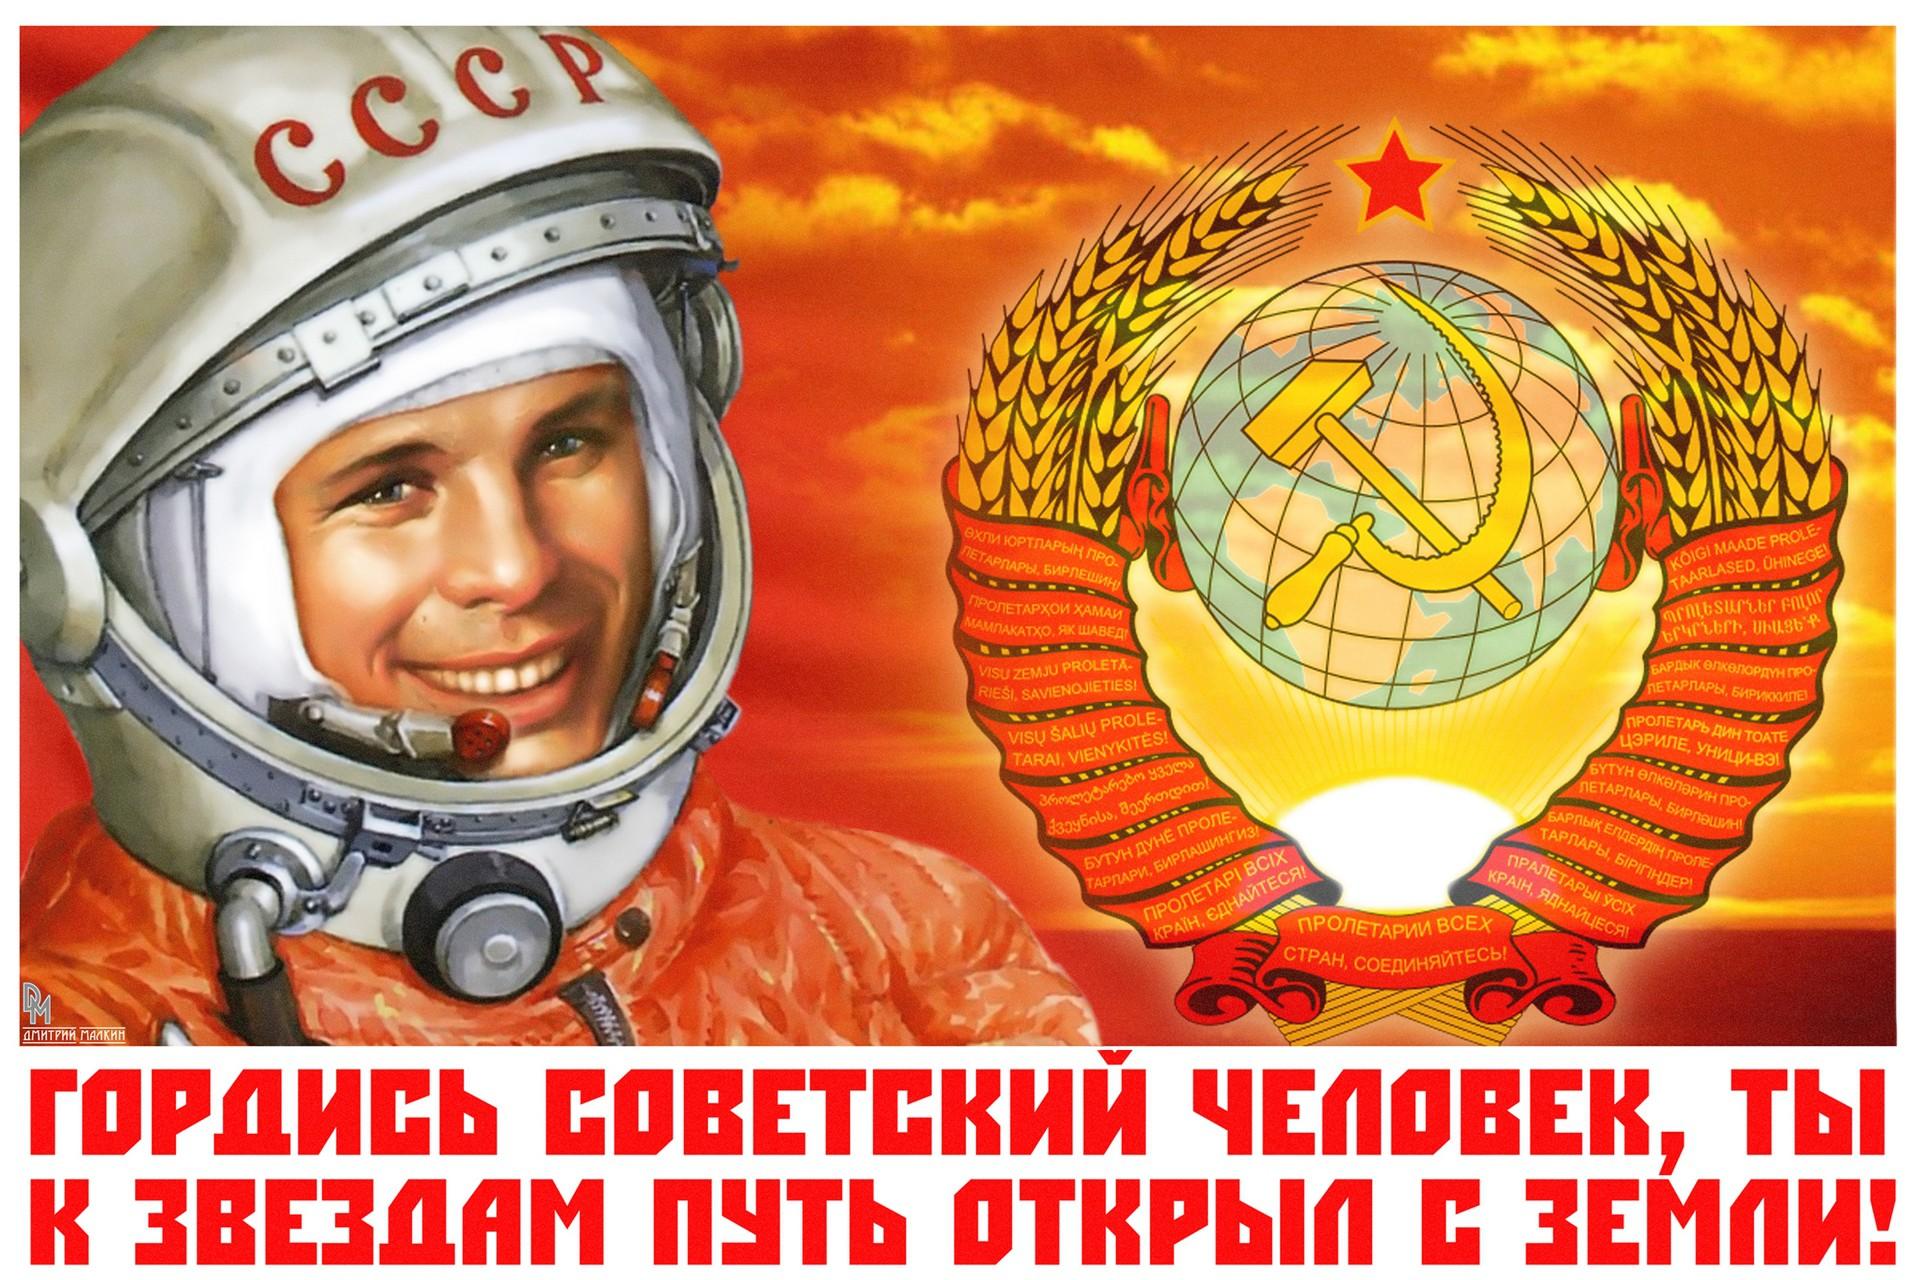 Фото открытки с днем космонавтики, смешные